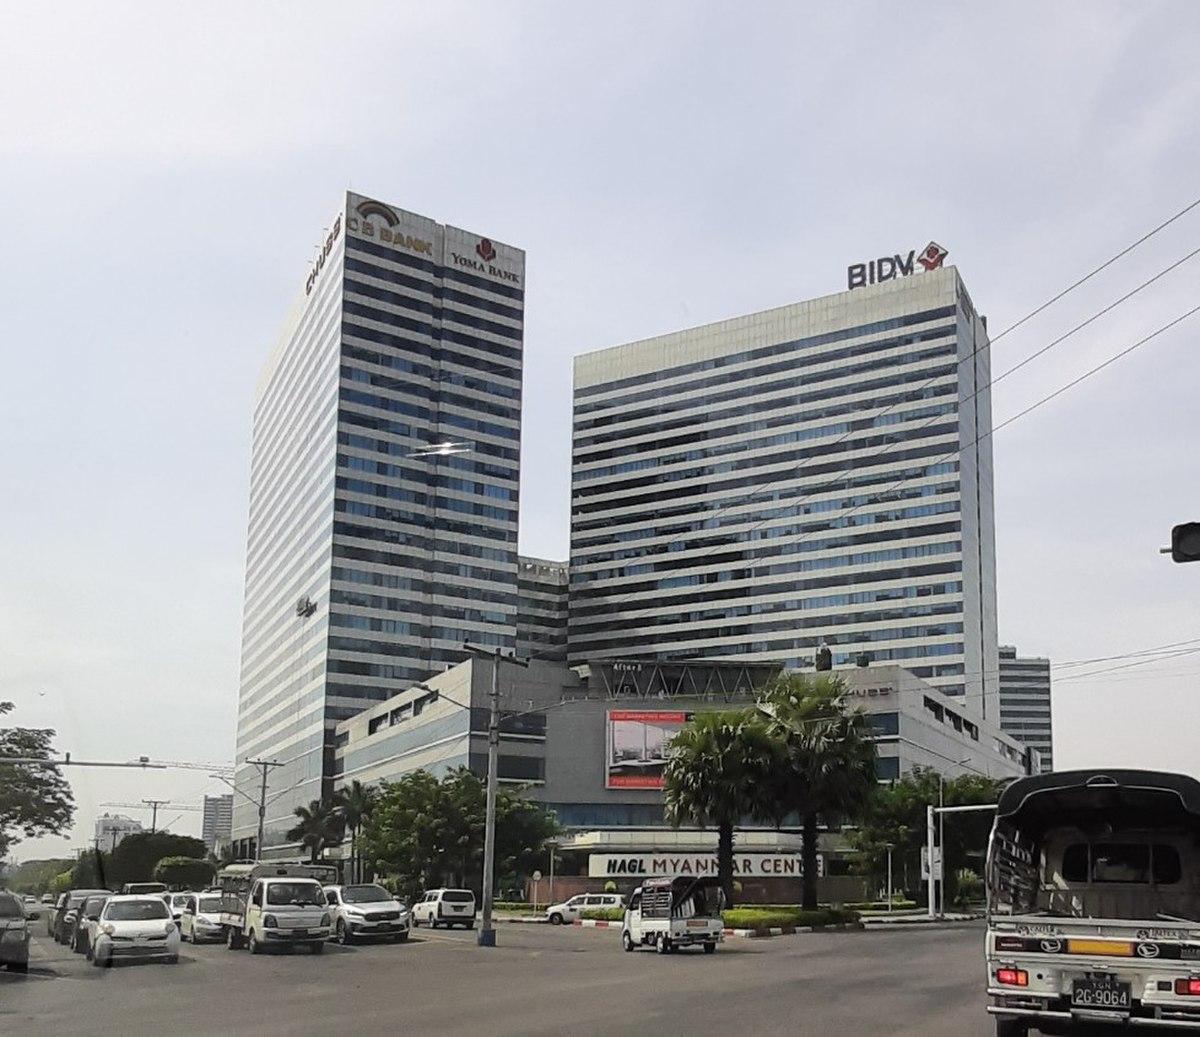 Myanmar Plaza Wikipedia